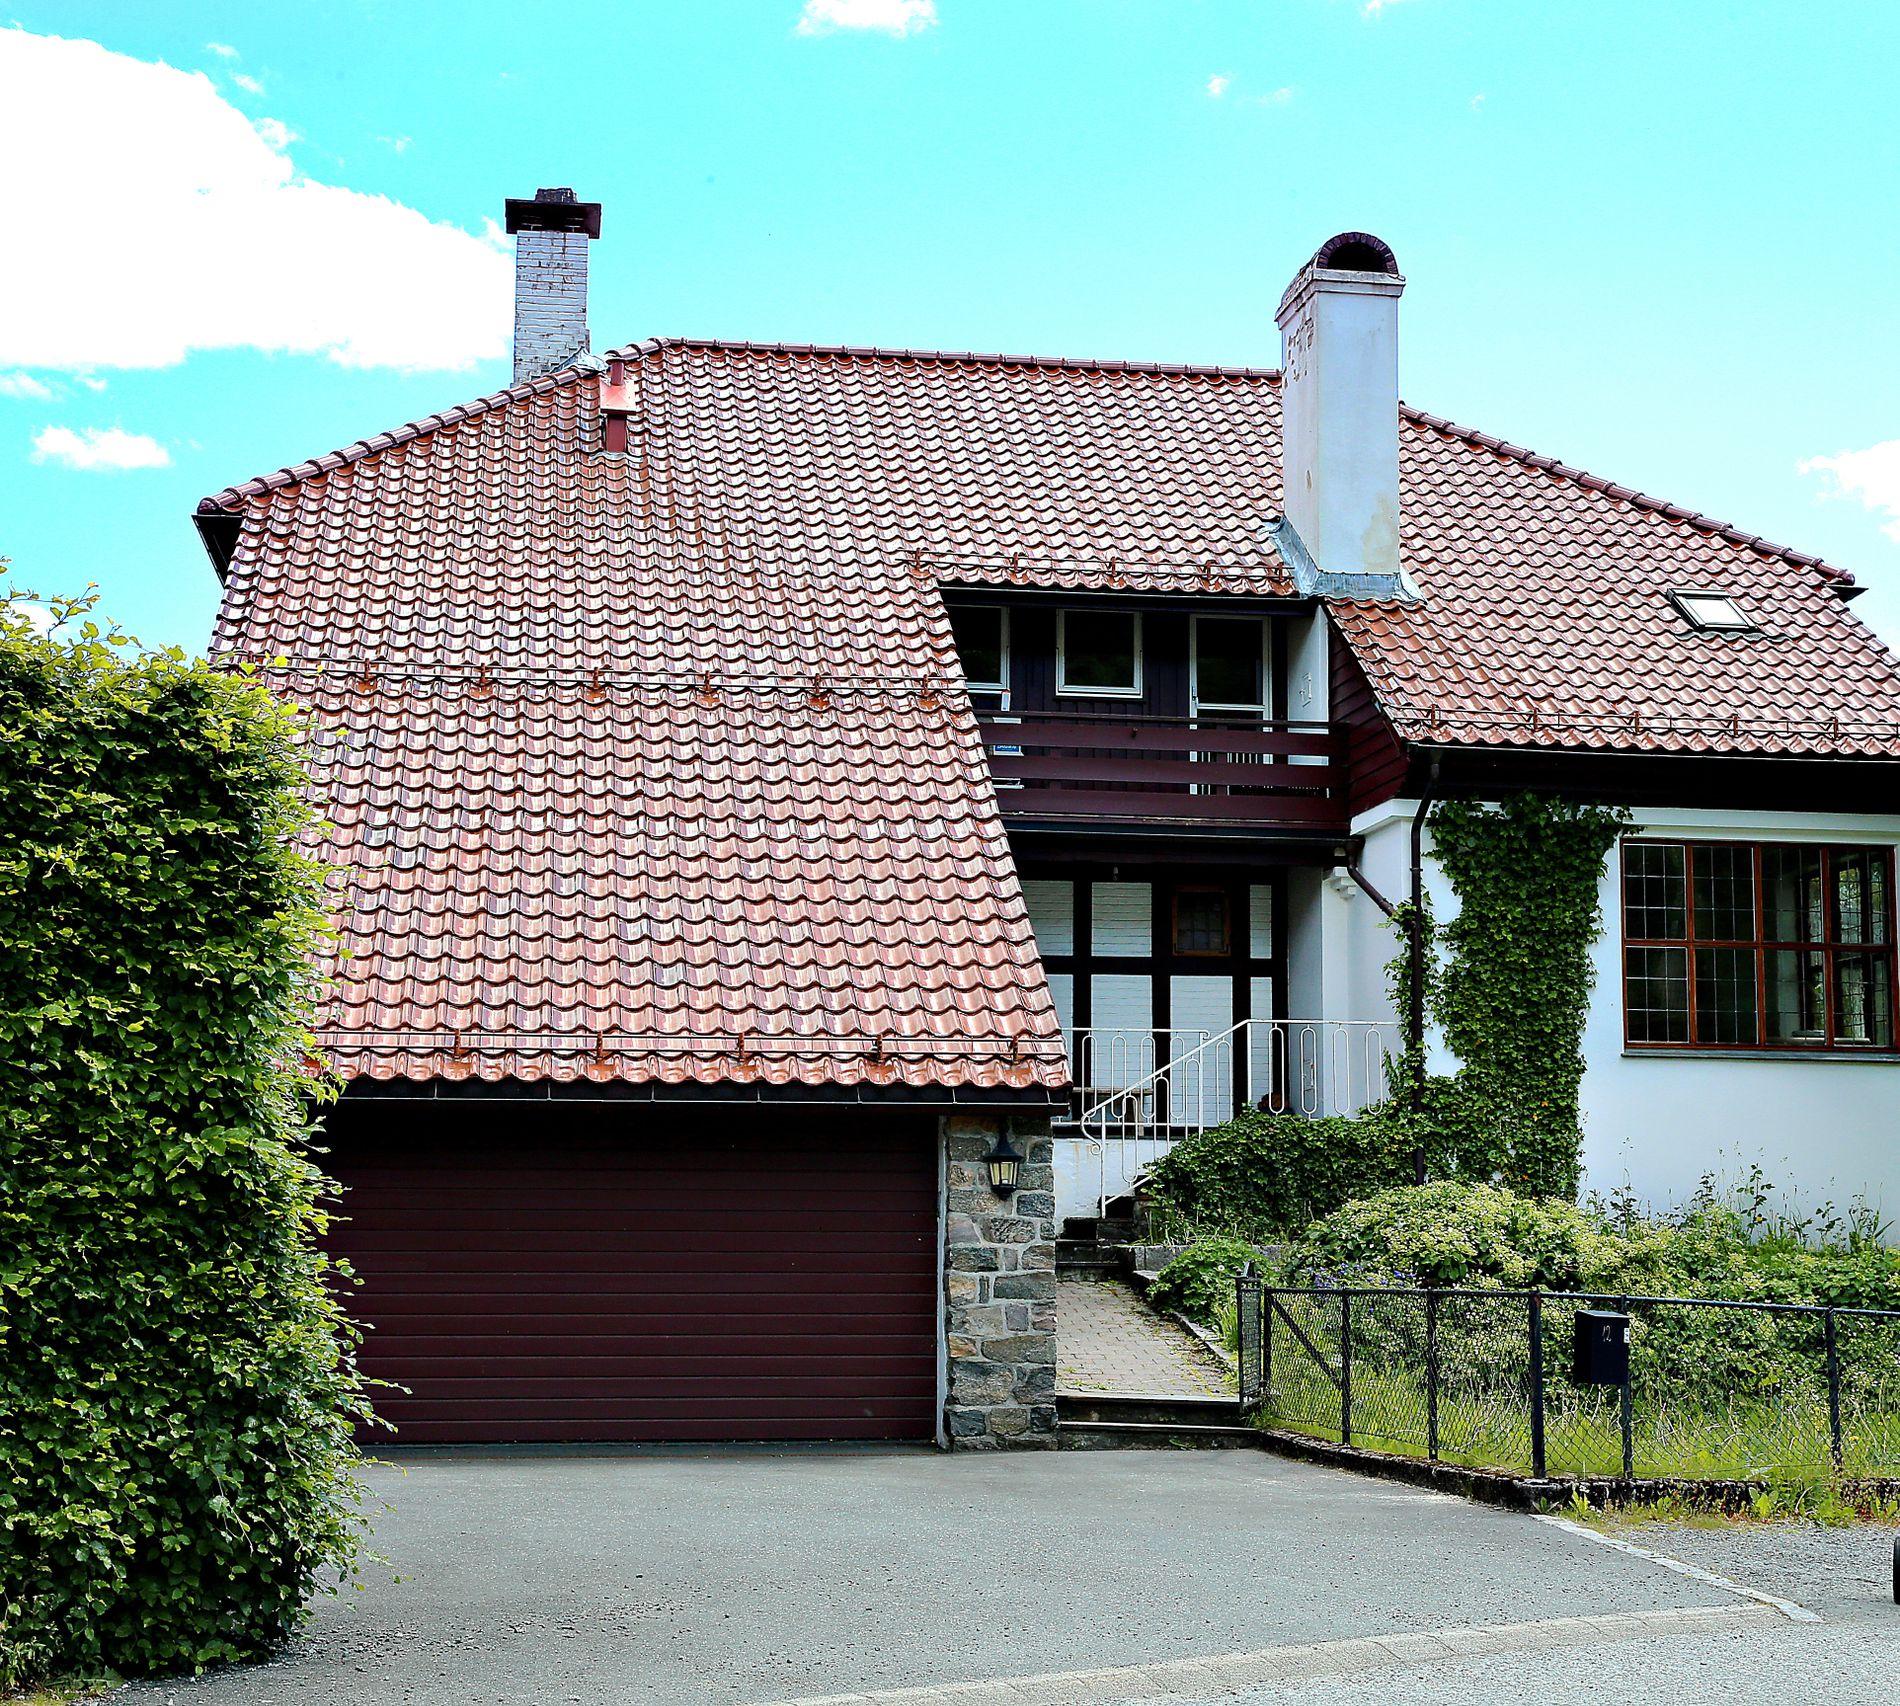 CASA KYGO: Kygos bolig i Bønes i Bergen. Foto: HALLGEIR VÅGENES